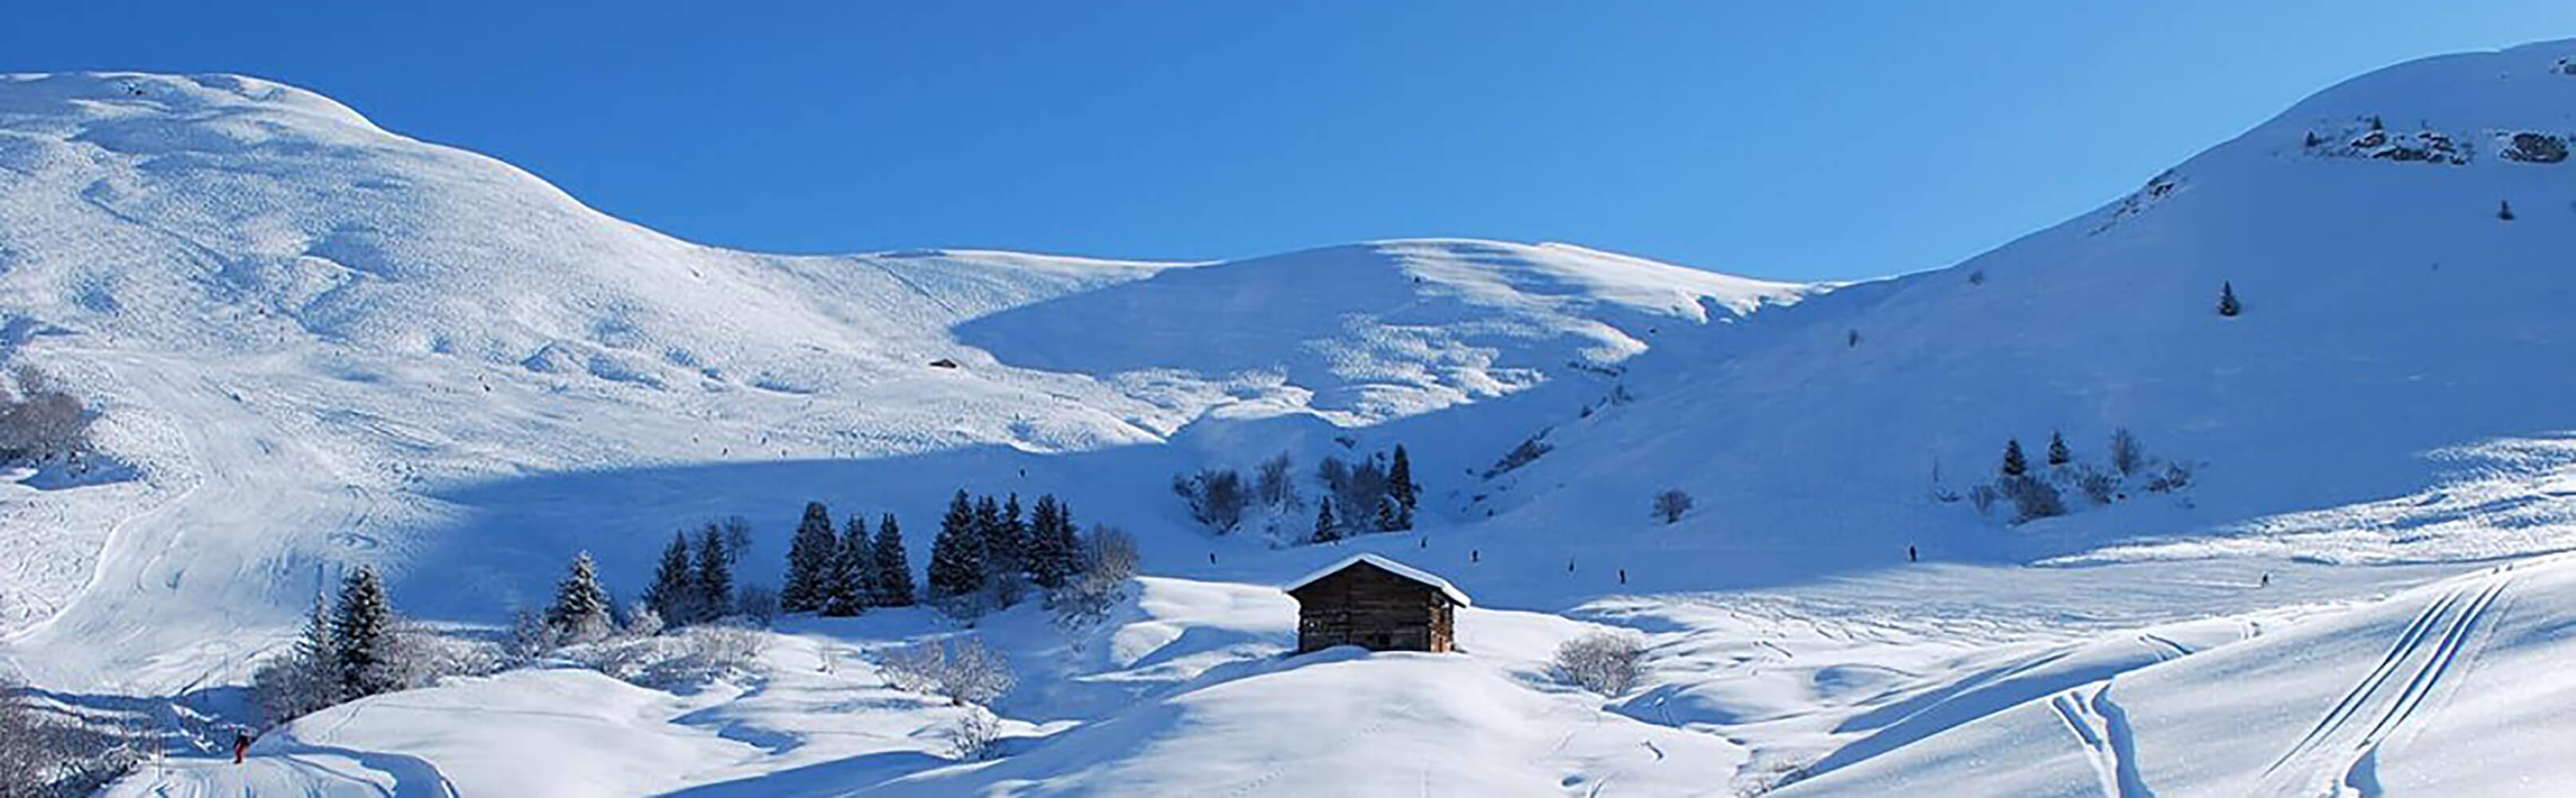 Surselva - die Ferienregion in Graubünden 1